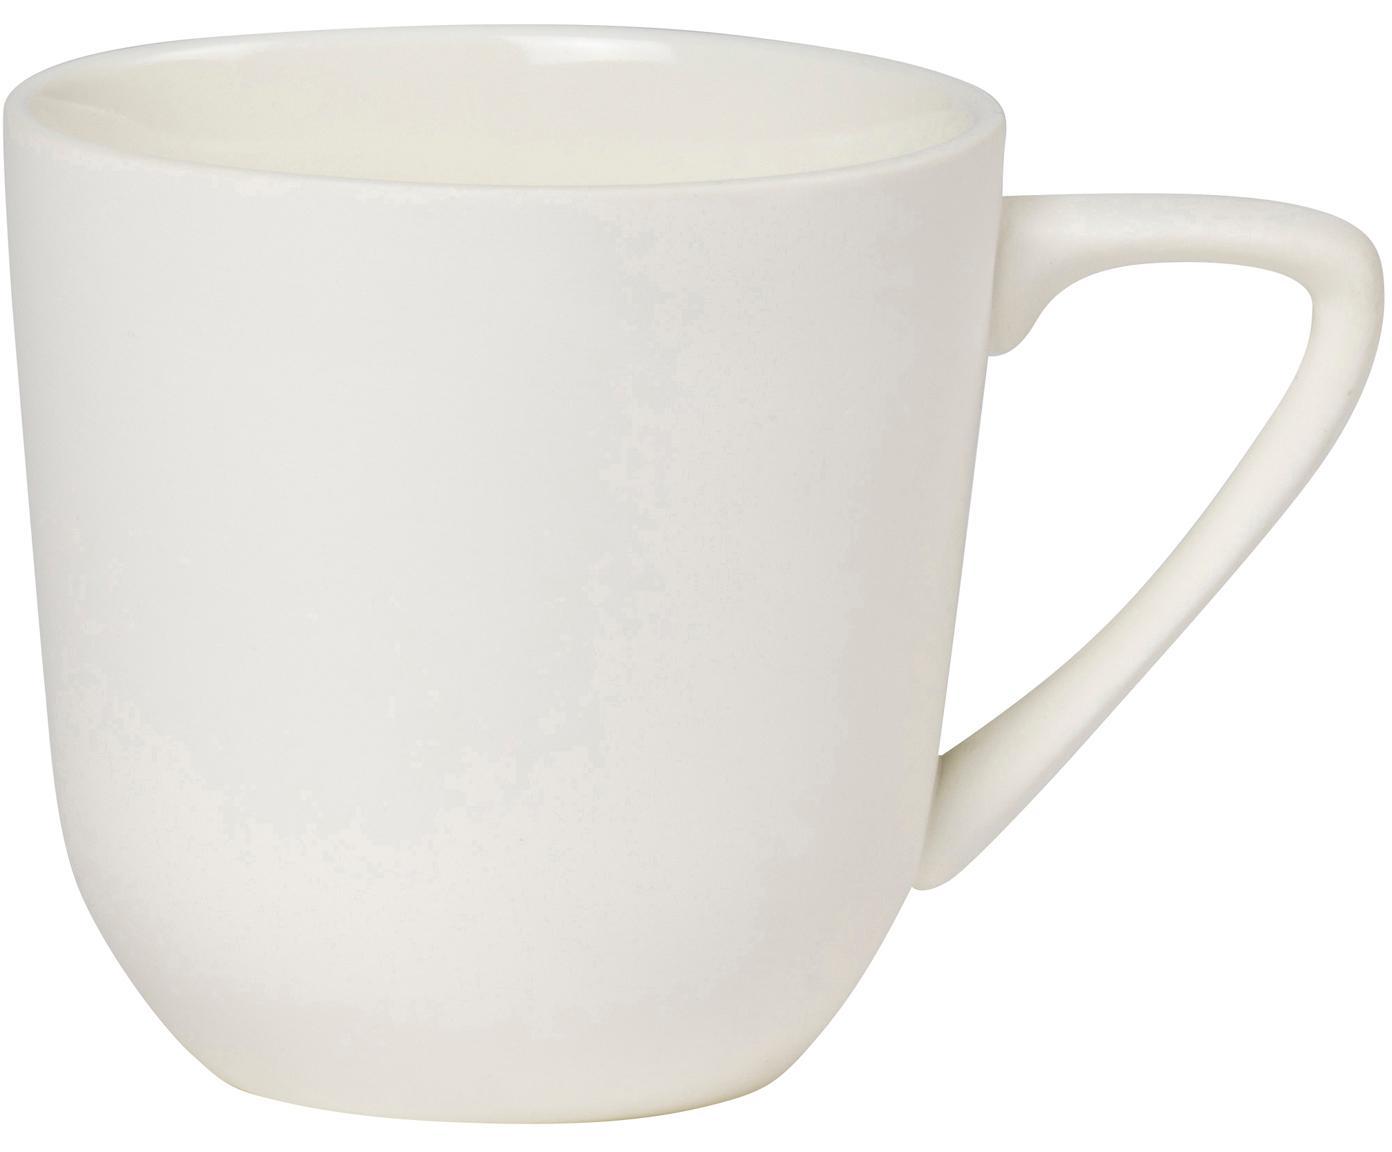 Tazas Nudge, 4uds., Porcelana, Crema, Ø 8 x Al 8 cm